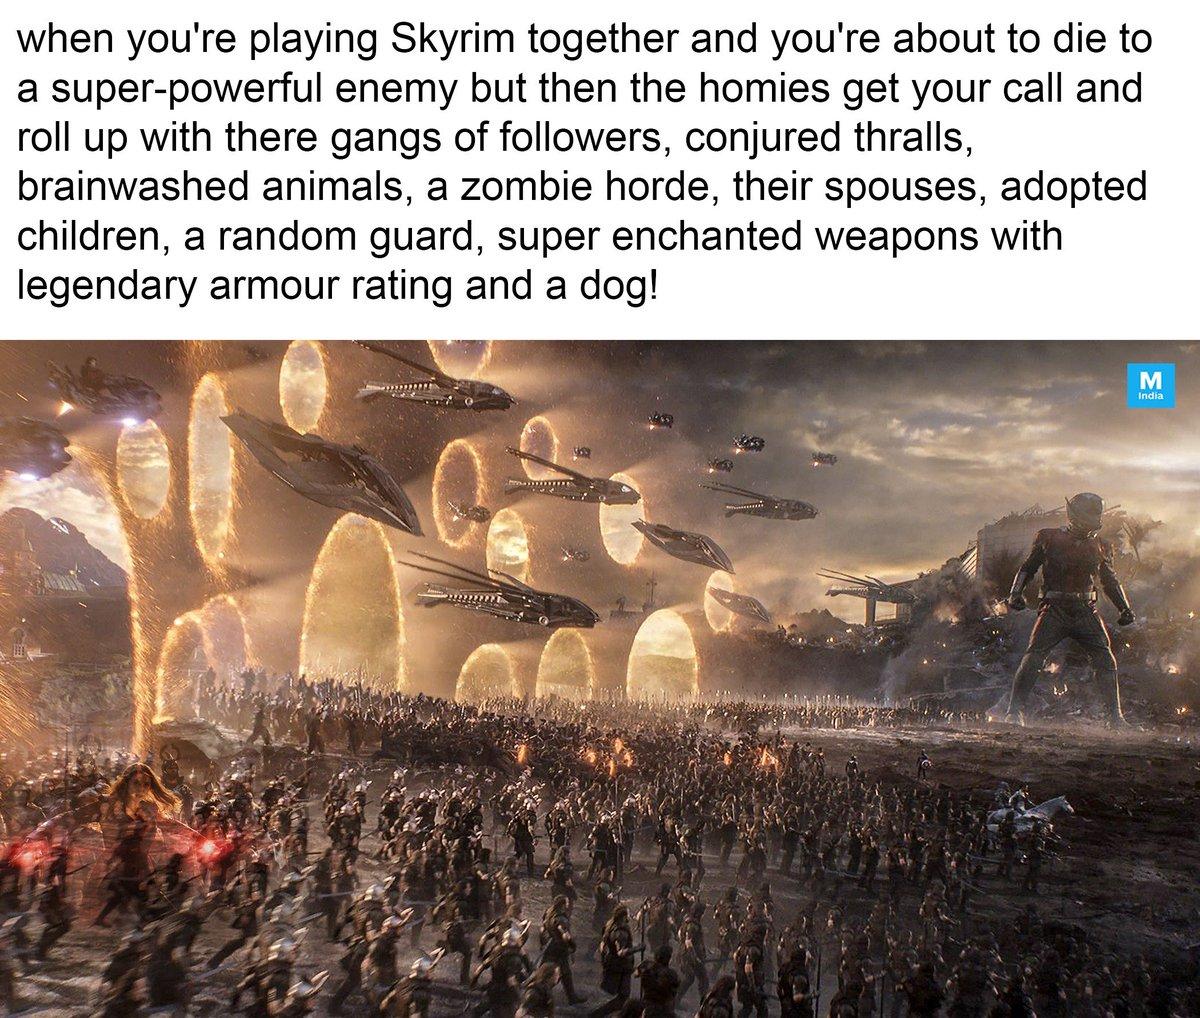 Skyrim Together (@Skyrim_Together) | Twitter